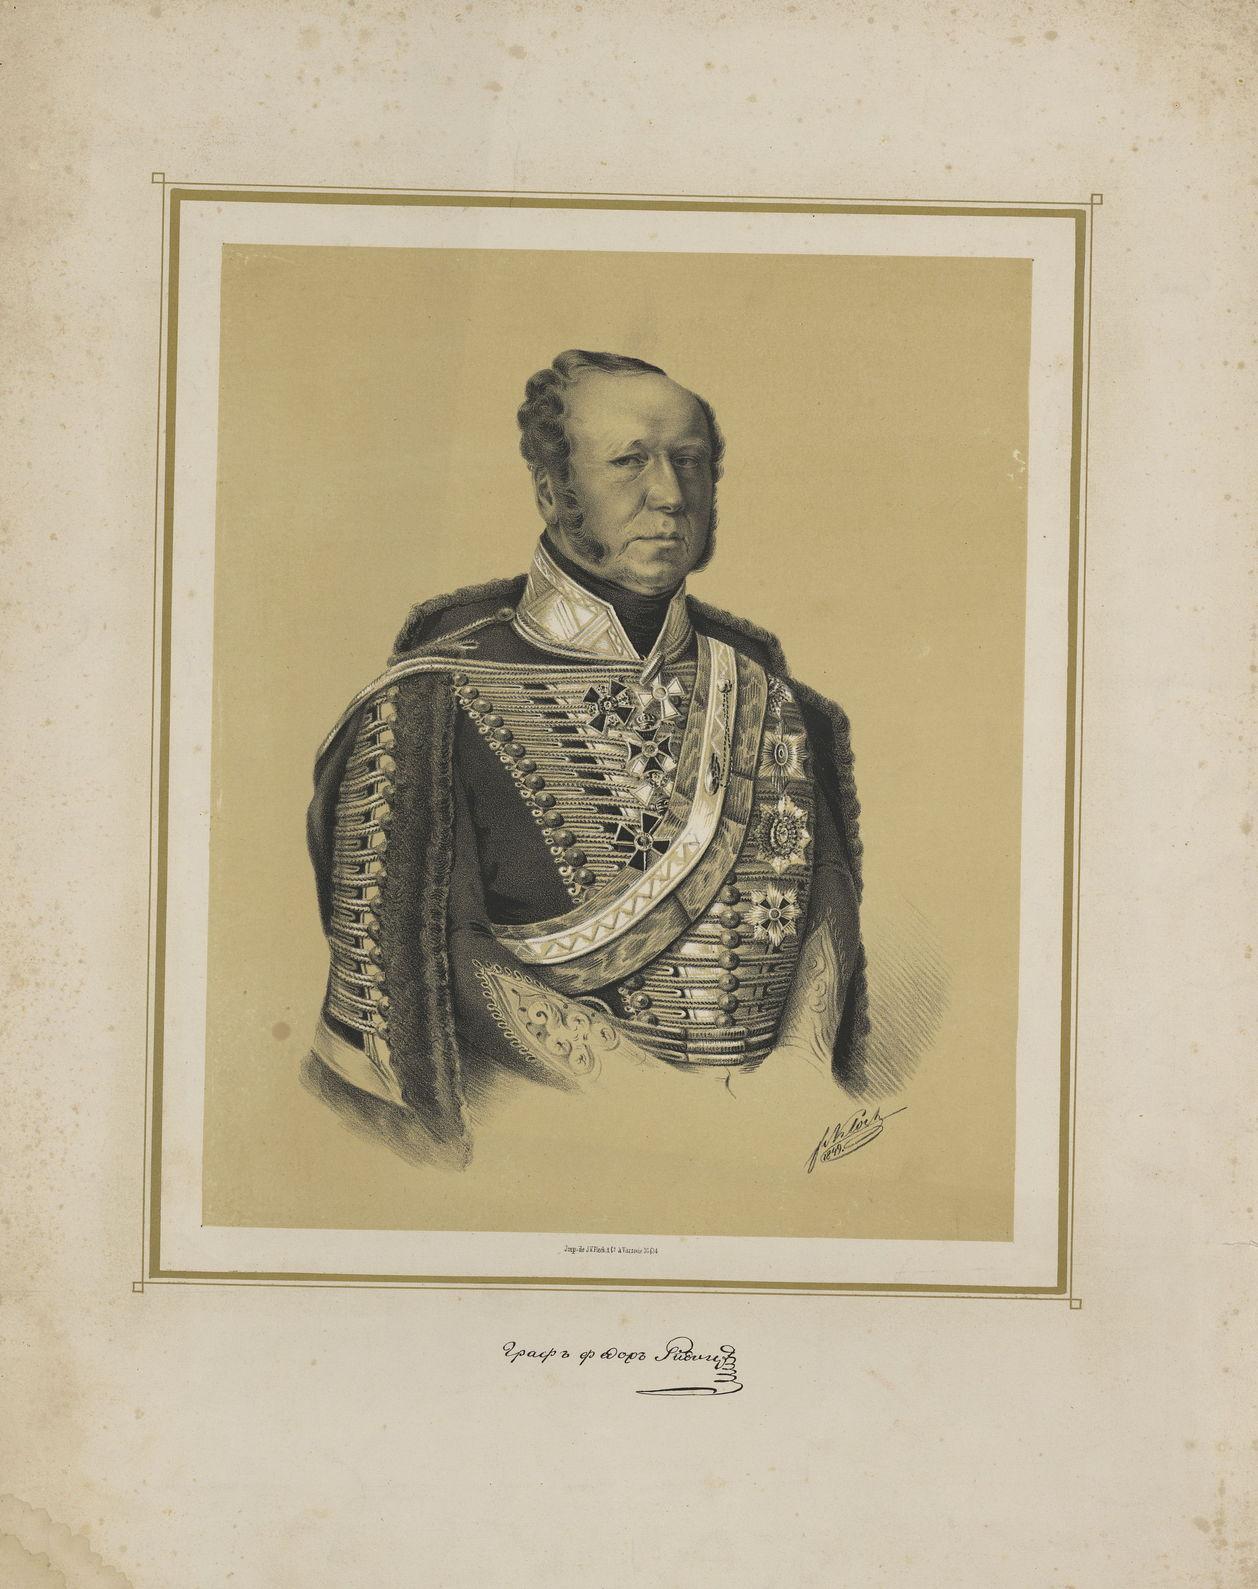 Литография К.В. Клоха, 1849 Литографская мастерская Ю.Флека Варшава